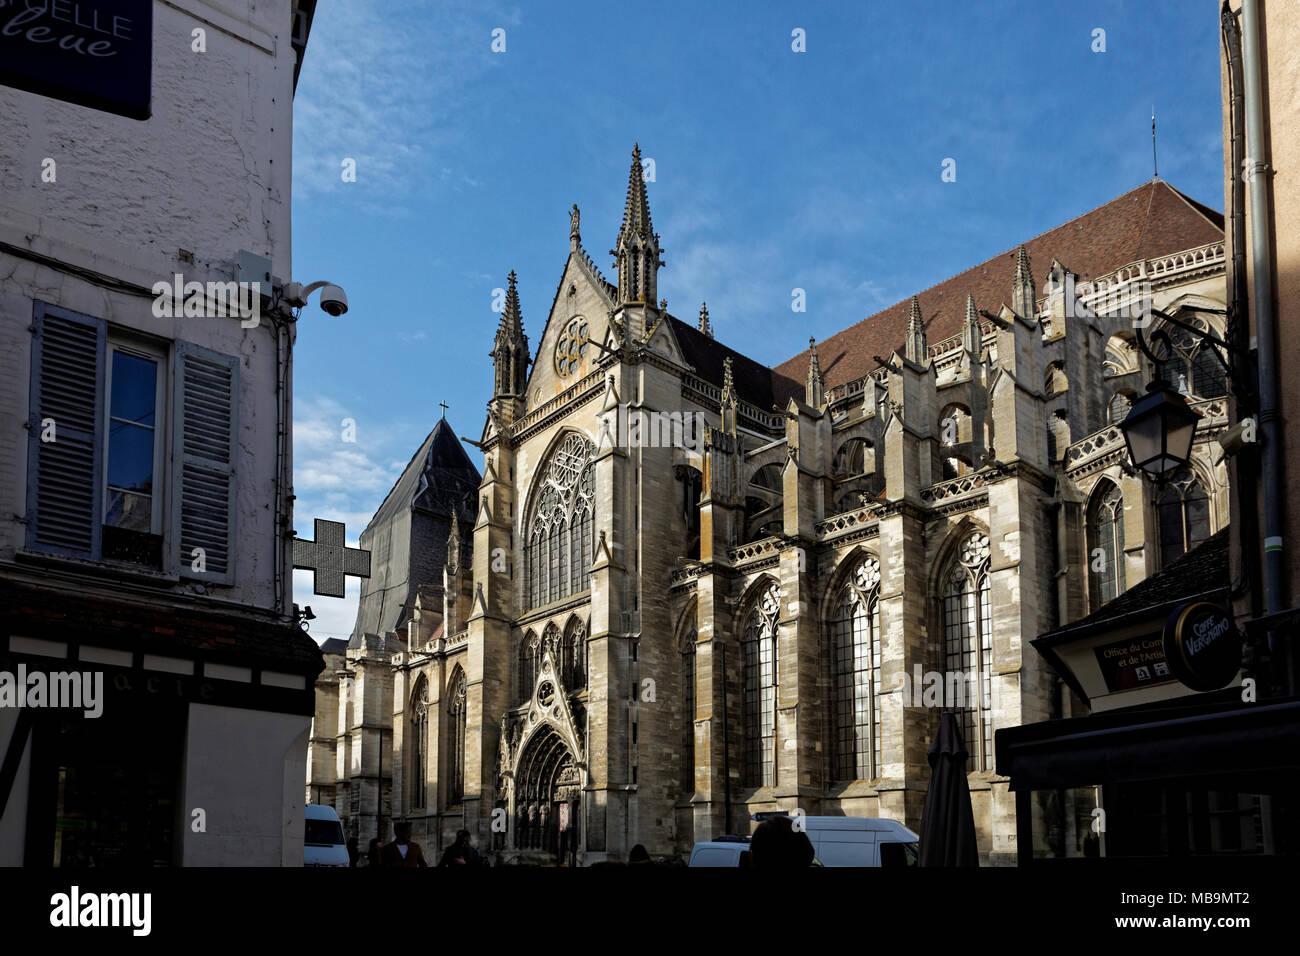 Cathedrale Saint-Etienne, Meaux (Meaux Cathedral), Meaux, Seine-et-Marne, Île-de-France, near Paris, seen from Rue de General Lelerc - Stock Image